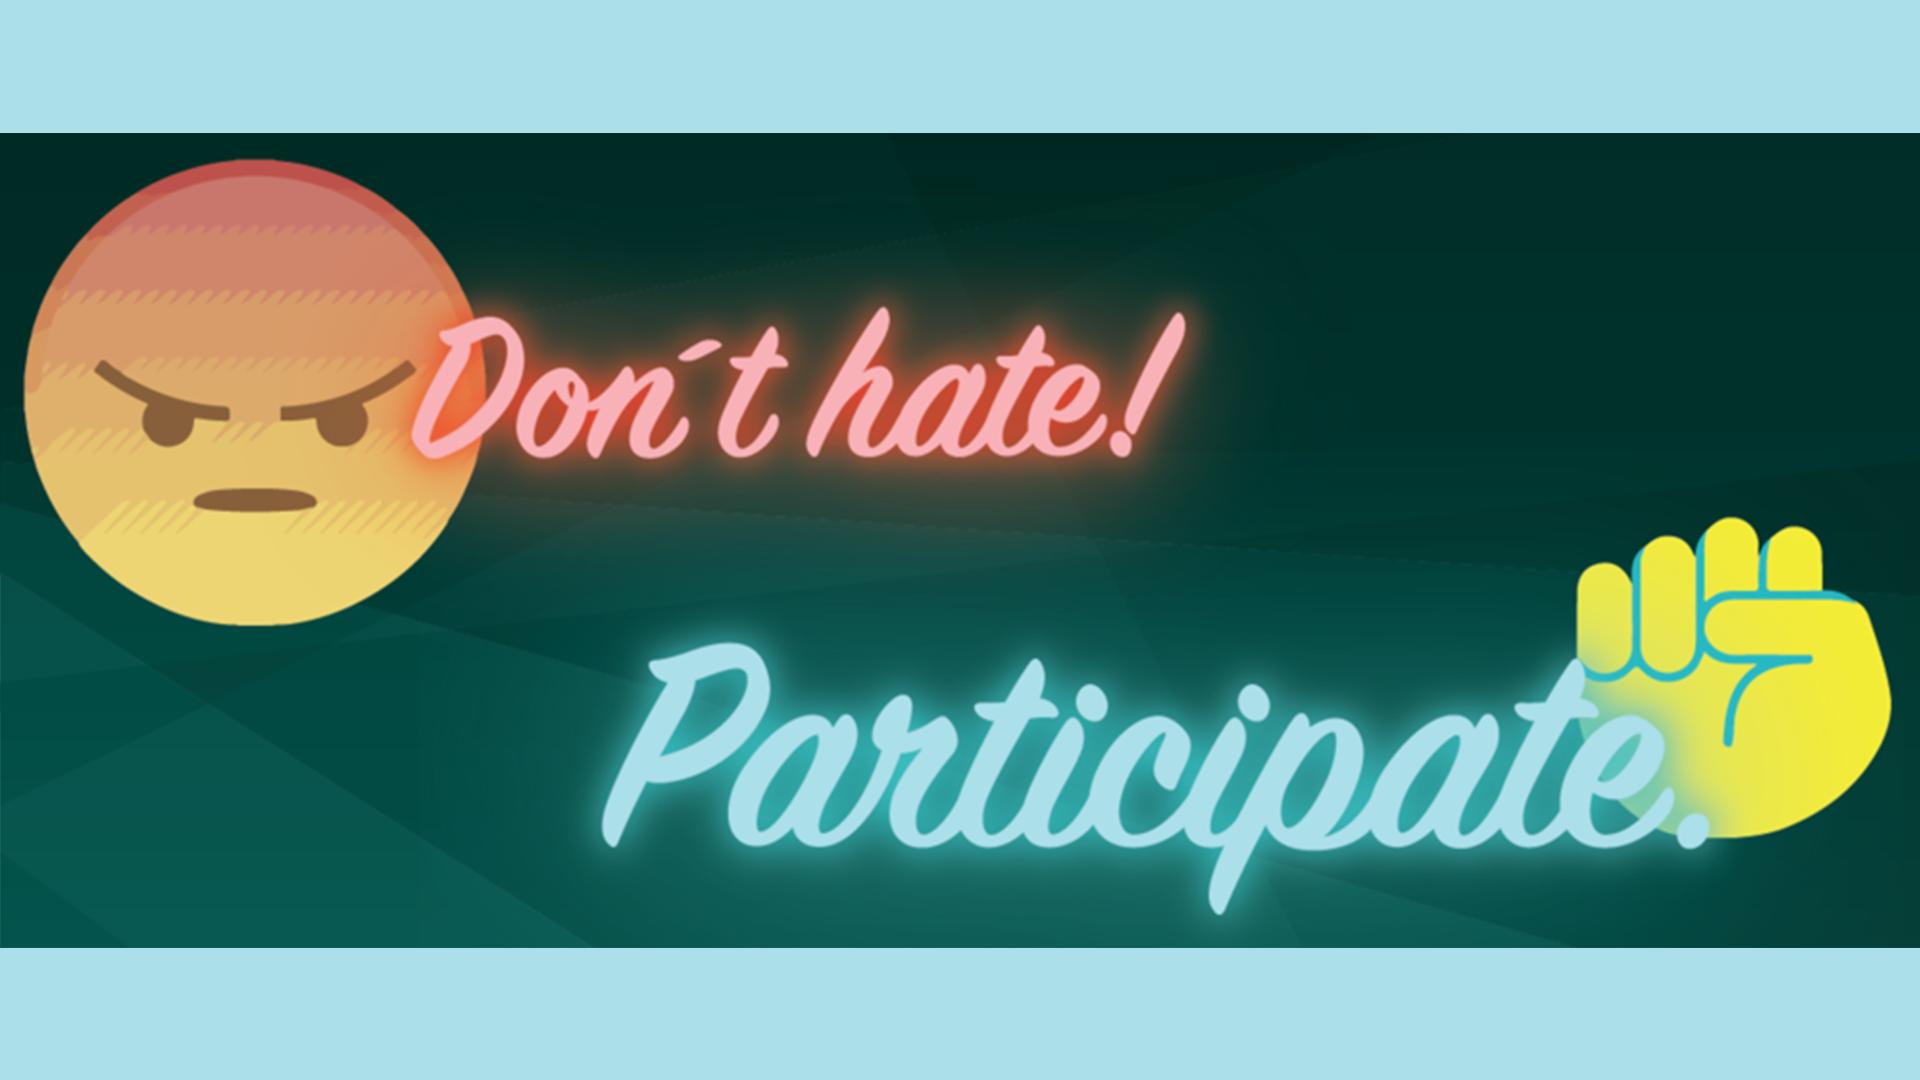 Logo Don't hat! Participate.